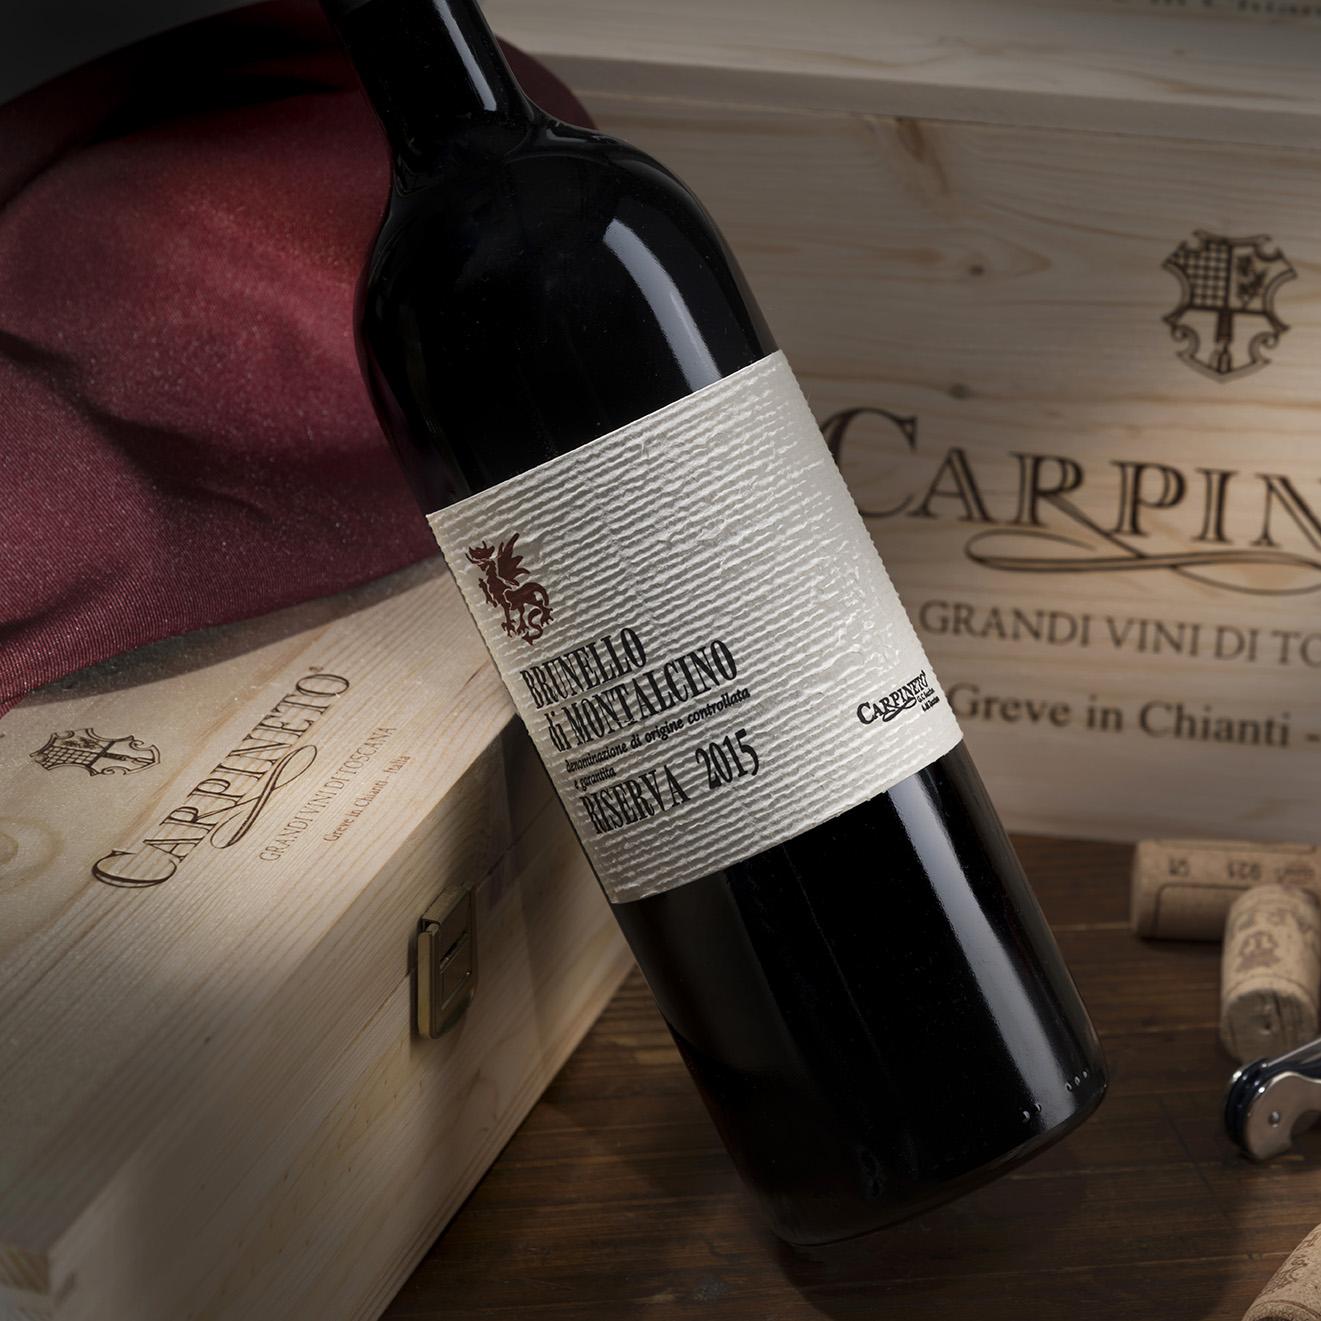 Carpineto Brunello 2015 Riserva